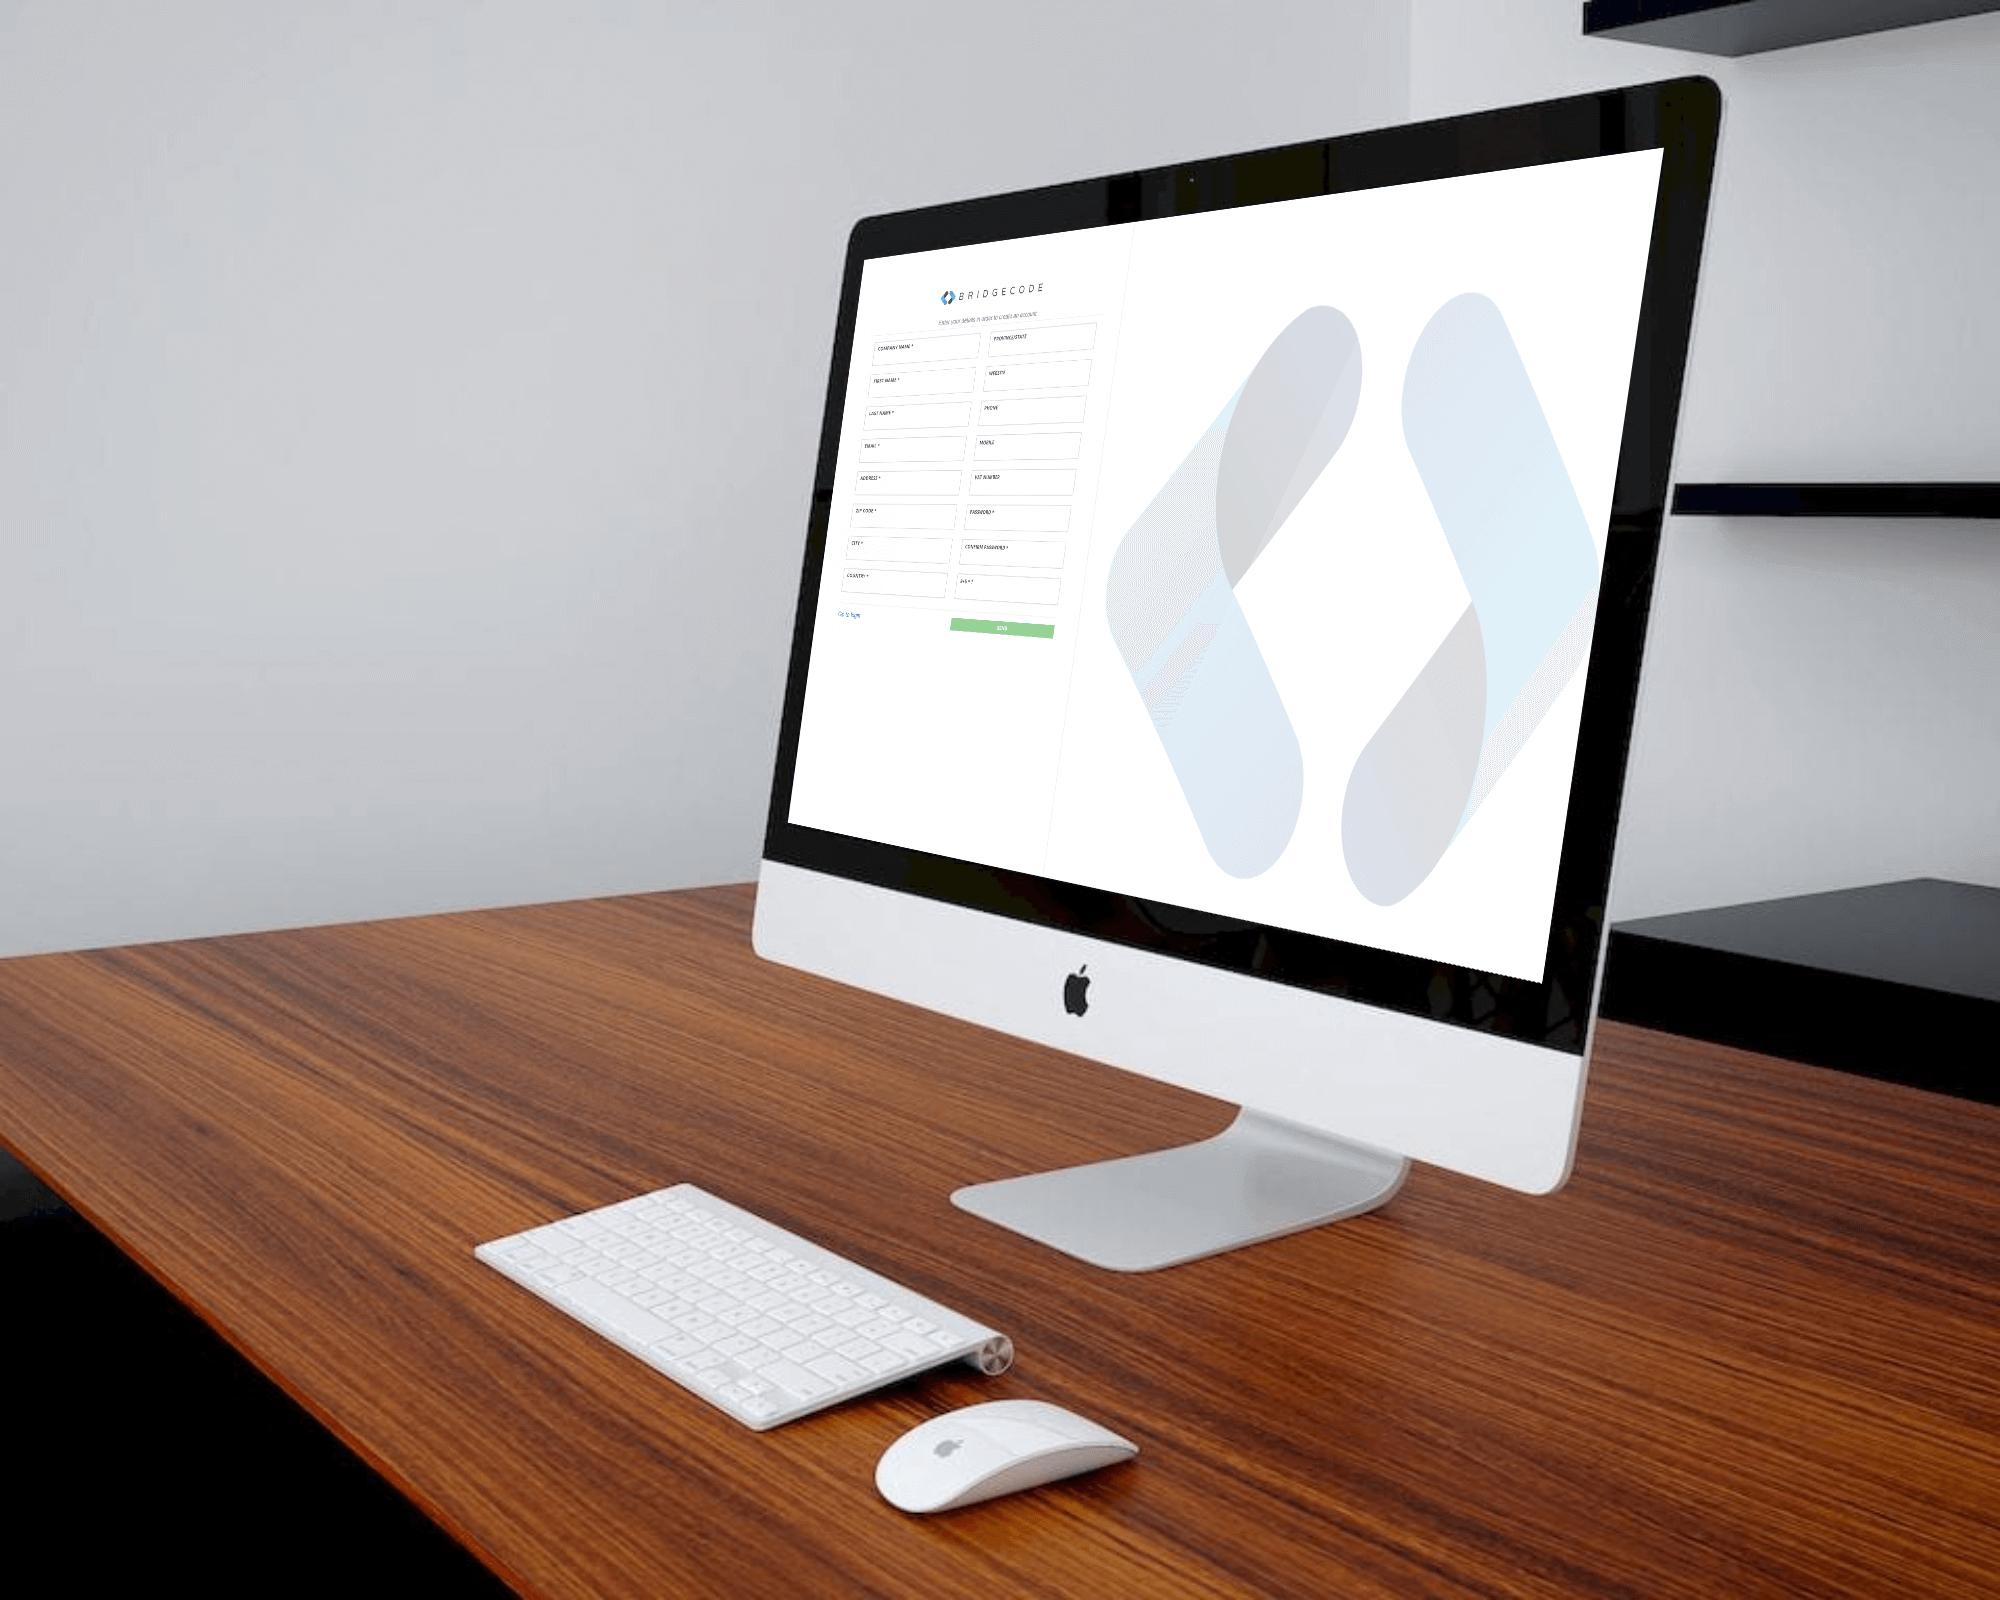 bridgecode web design social media portal